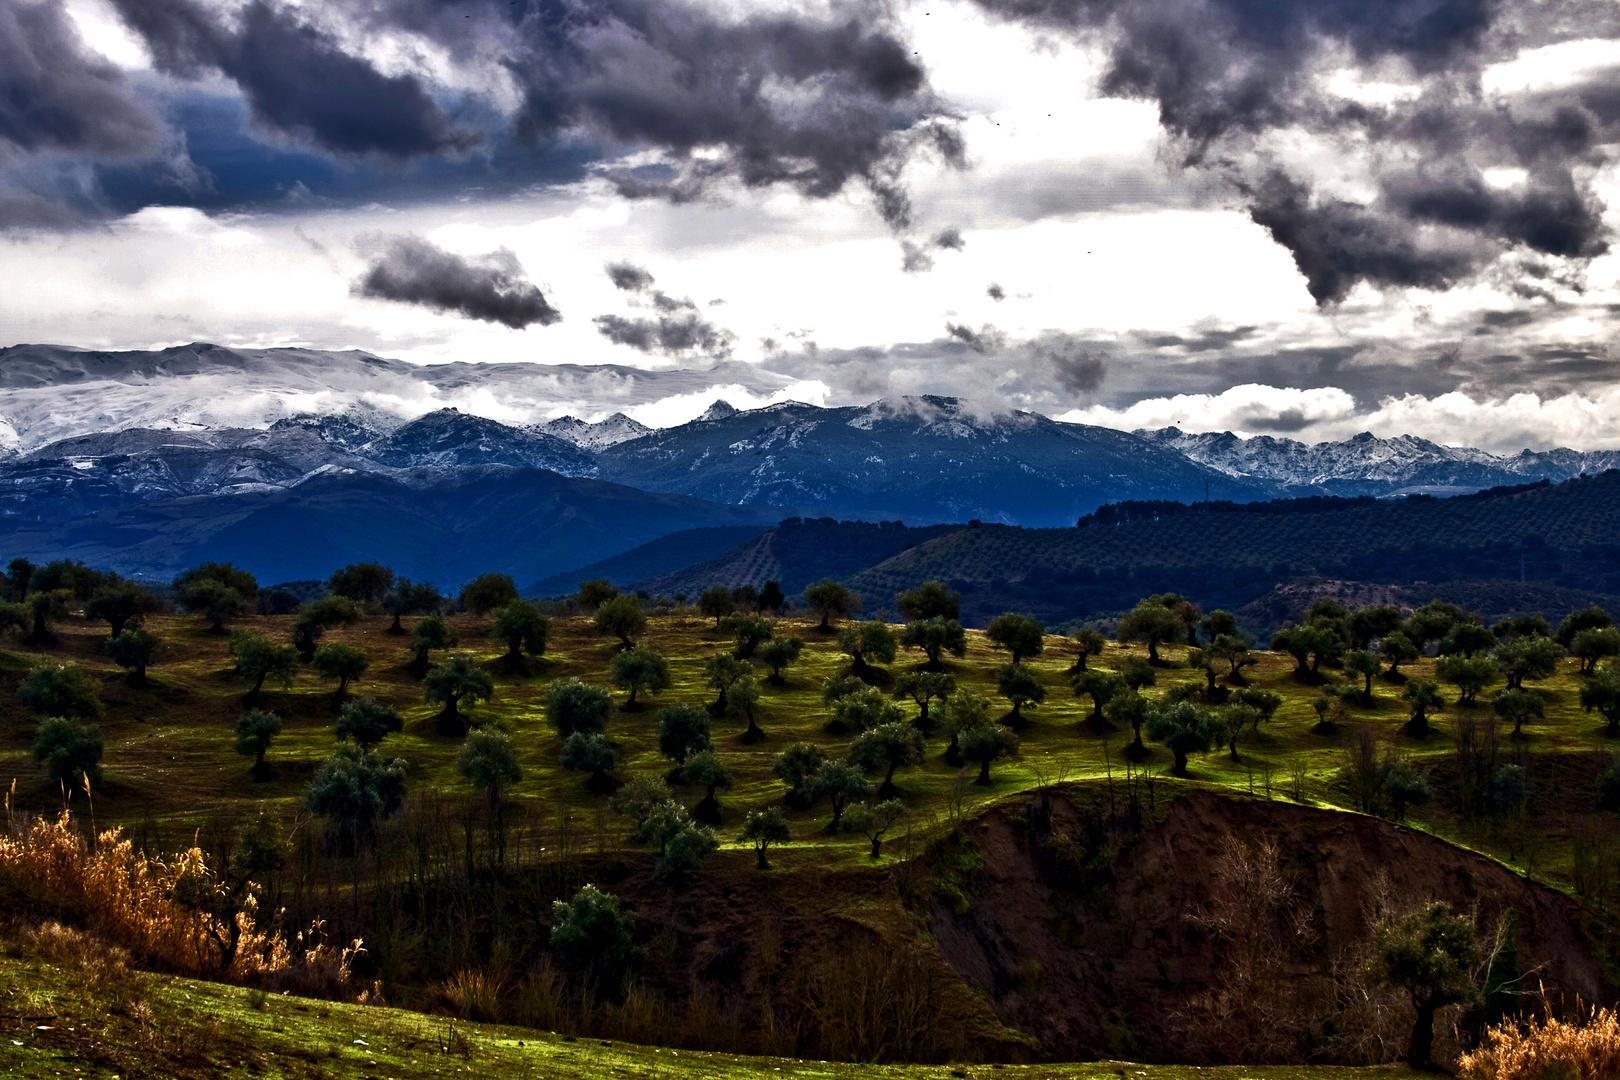 P.N. Sierra Nevada